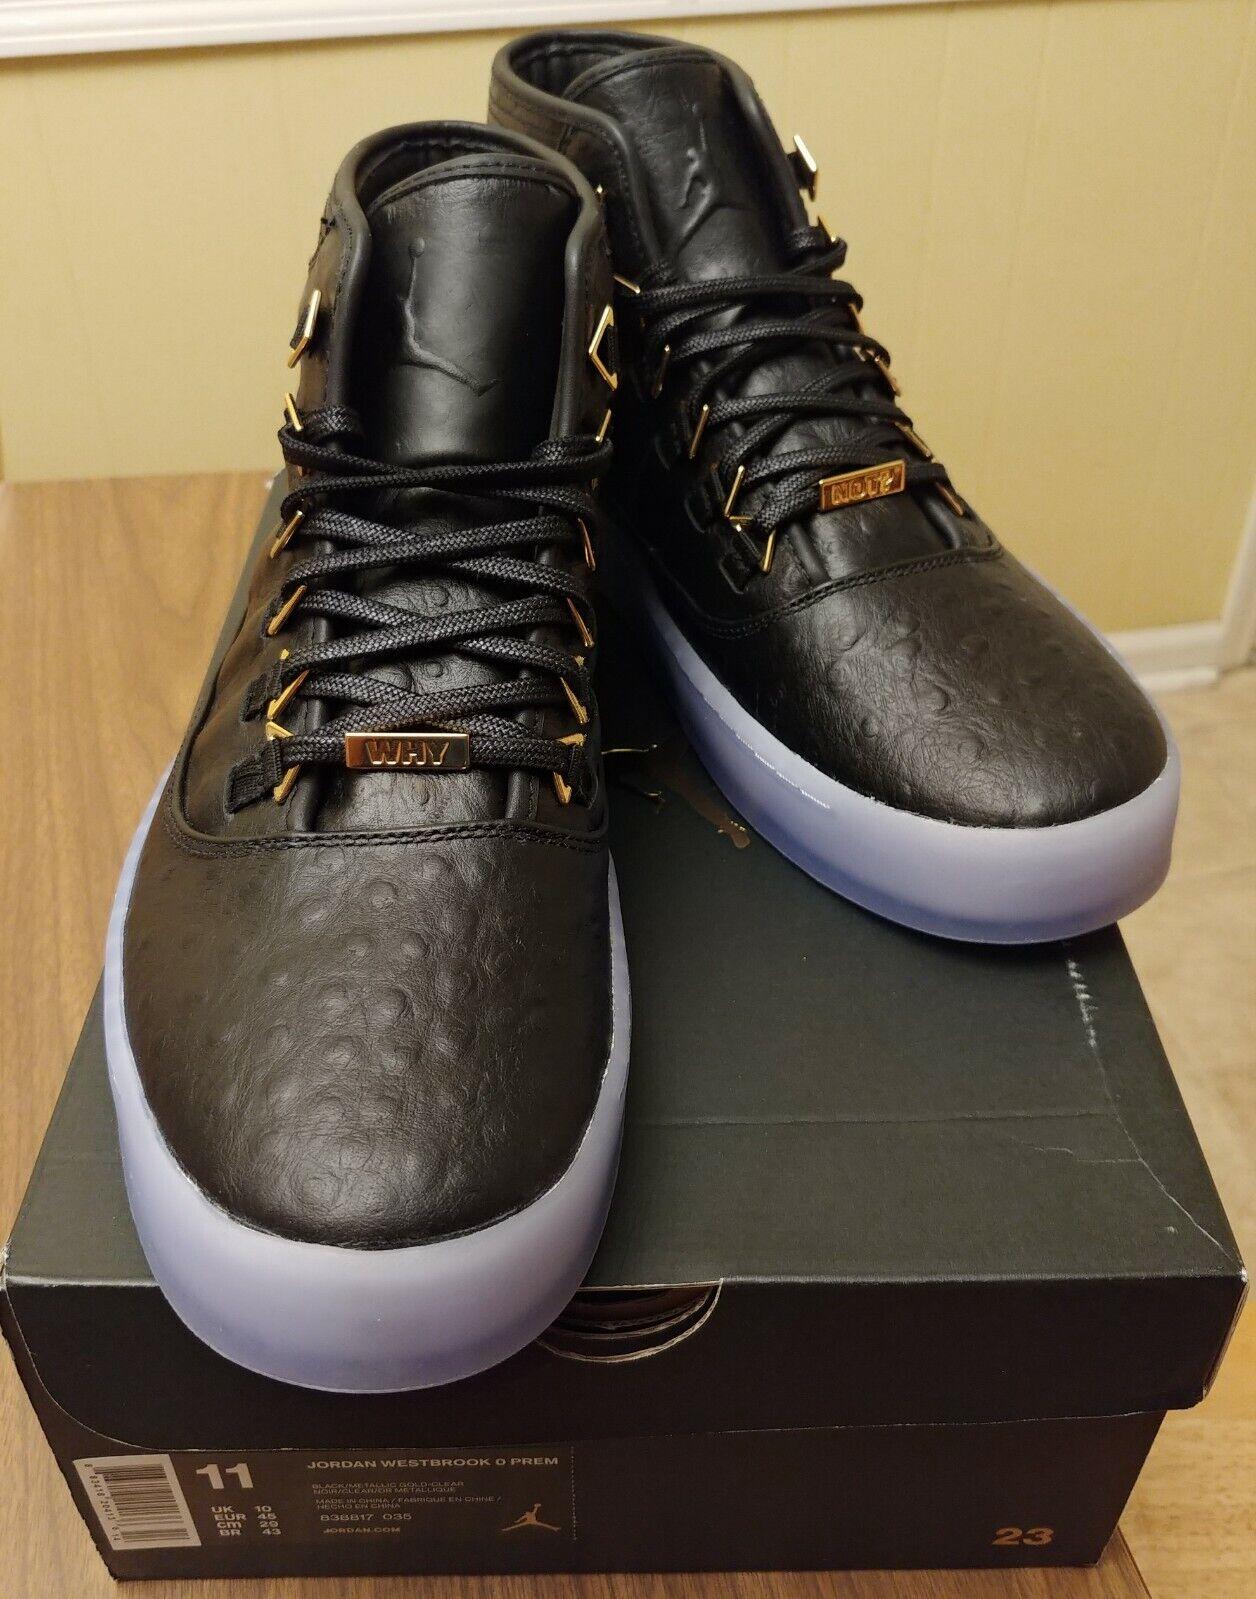 Air Jordan Westbrook 0 Premium (838817-035) Size 11